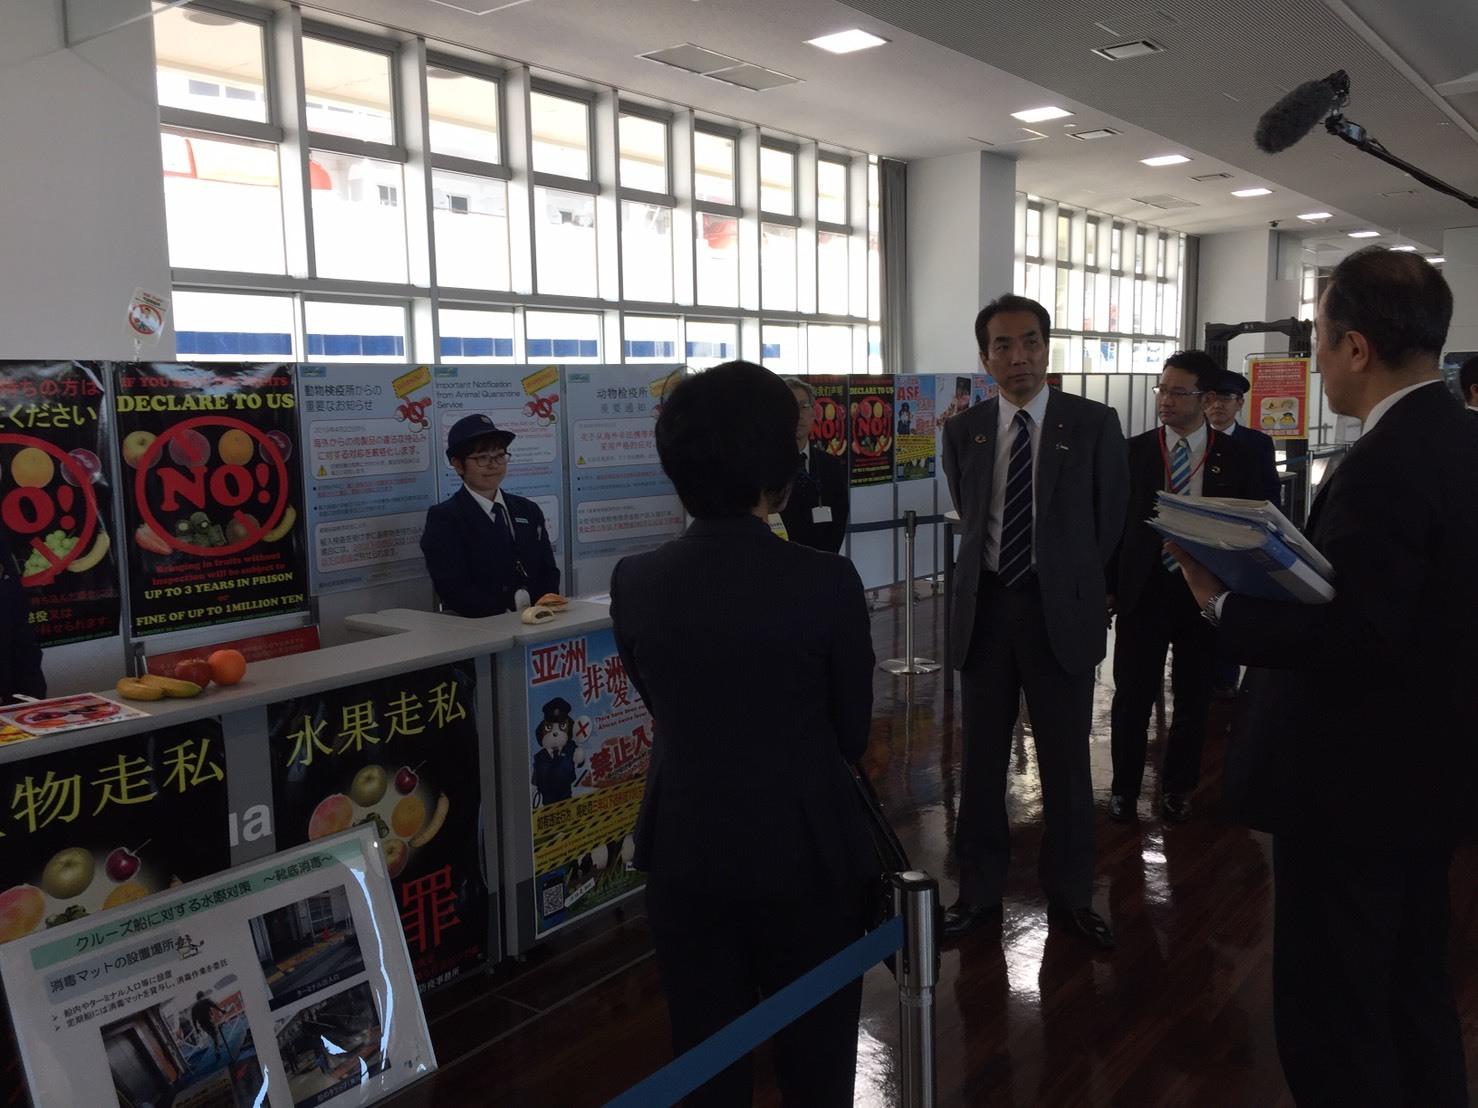 沖縄県訪問_a0143152_17593393.jpeg